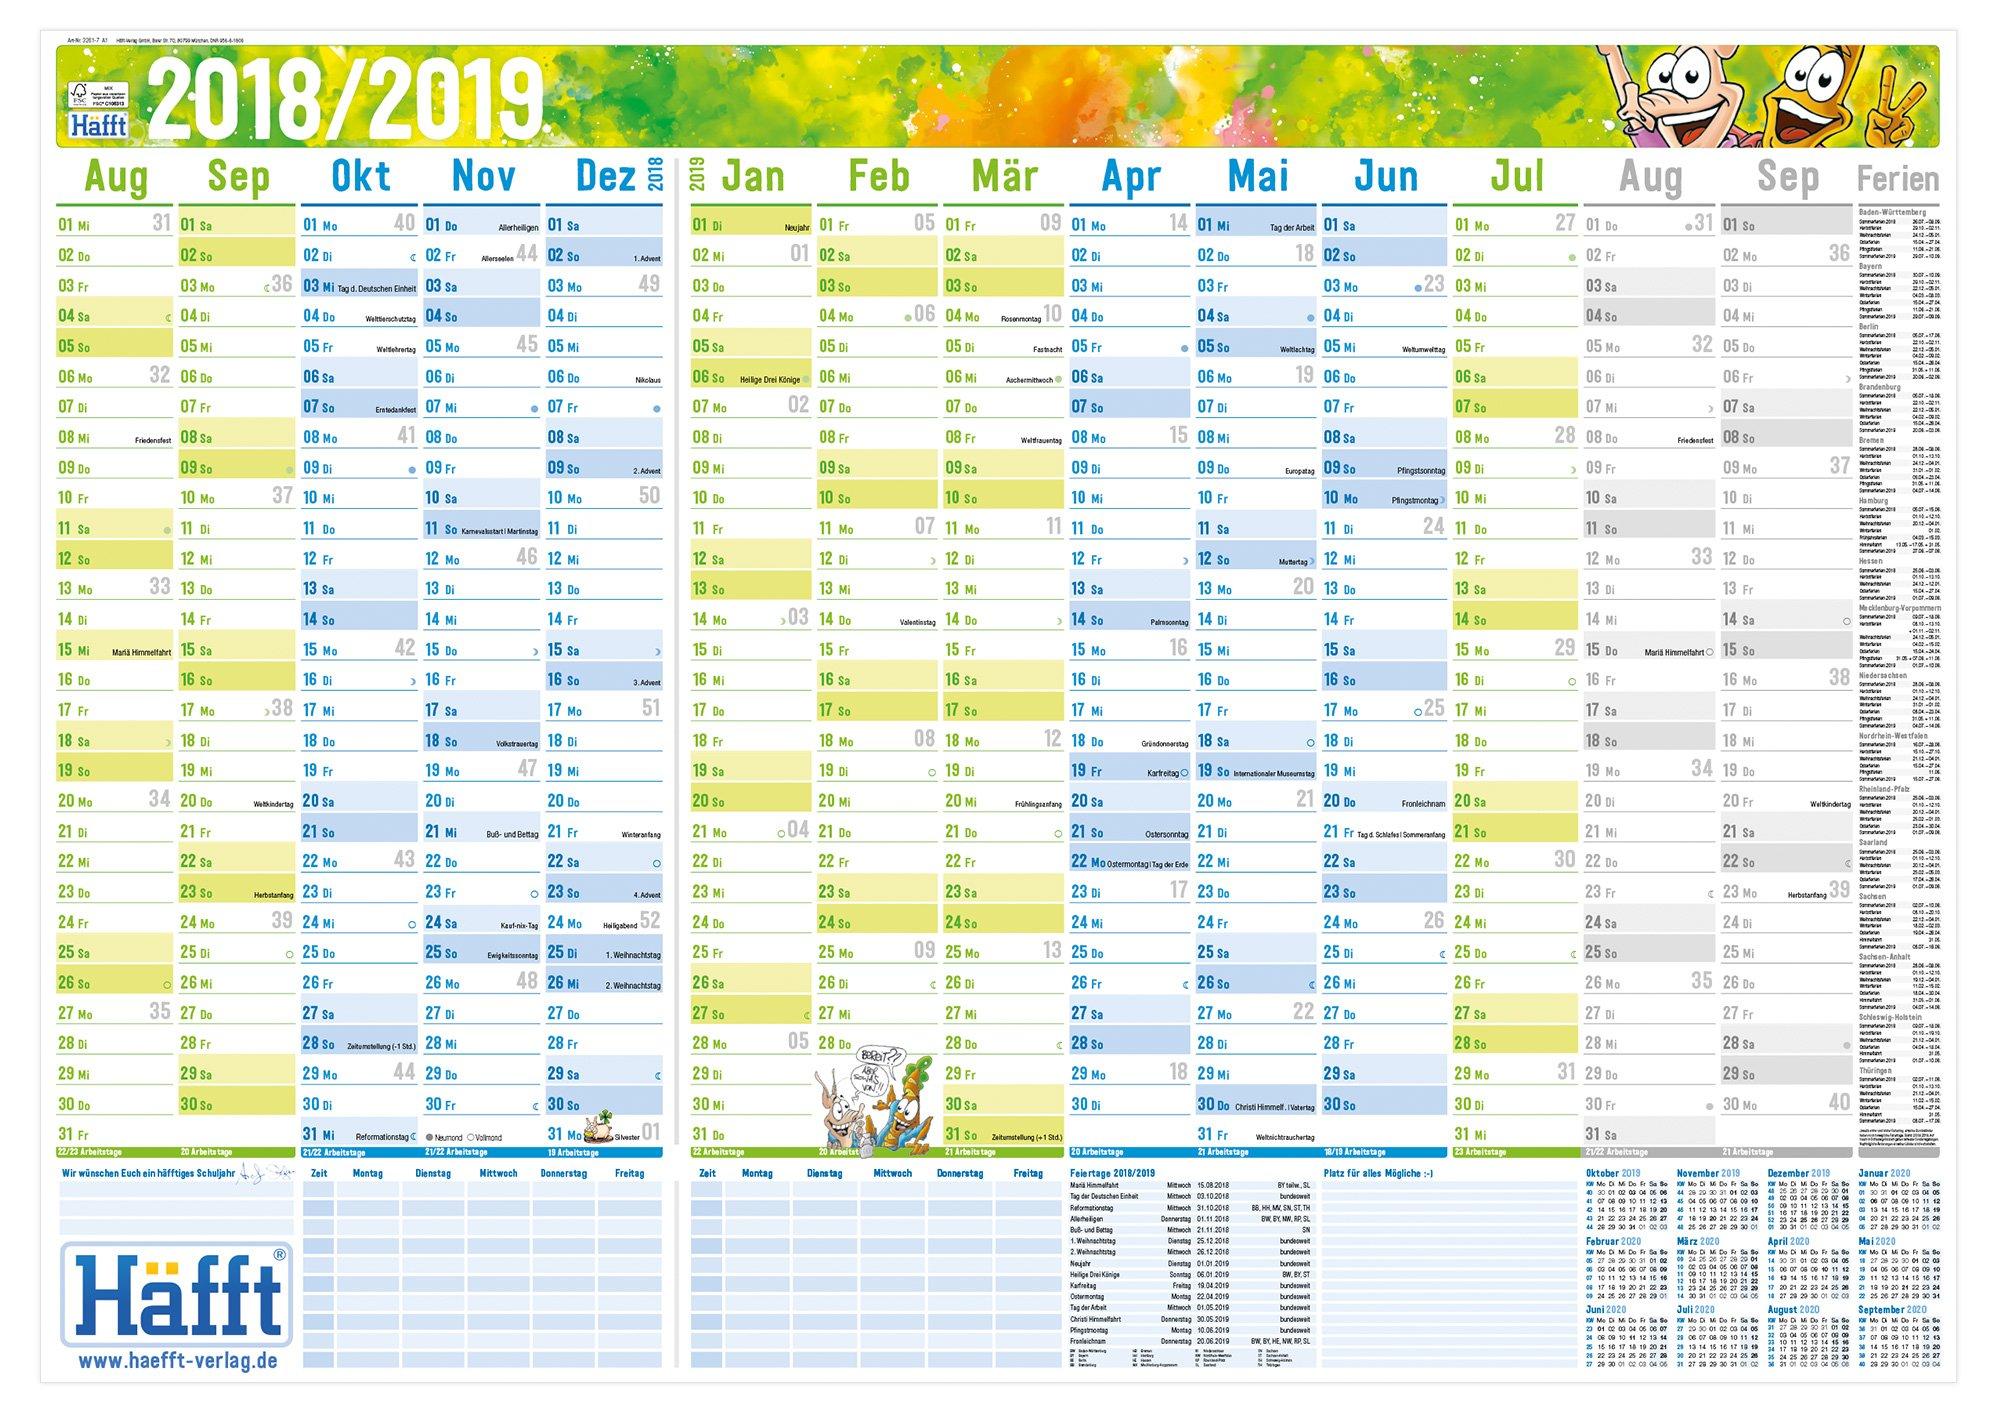 Häfft Wandkalender Schuljahr 2018/2019 89x63cm (größer als A1), gefalzt, Schuljahreskalender 14 Monate Aug 2018 - Sep 2019, 2 Stundenpläne, Ferientermine, mit Extra A4-Übersicht